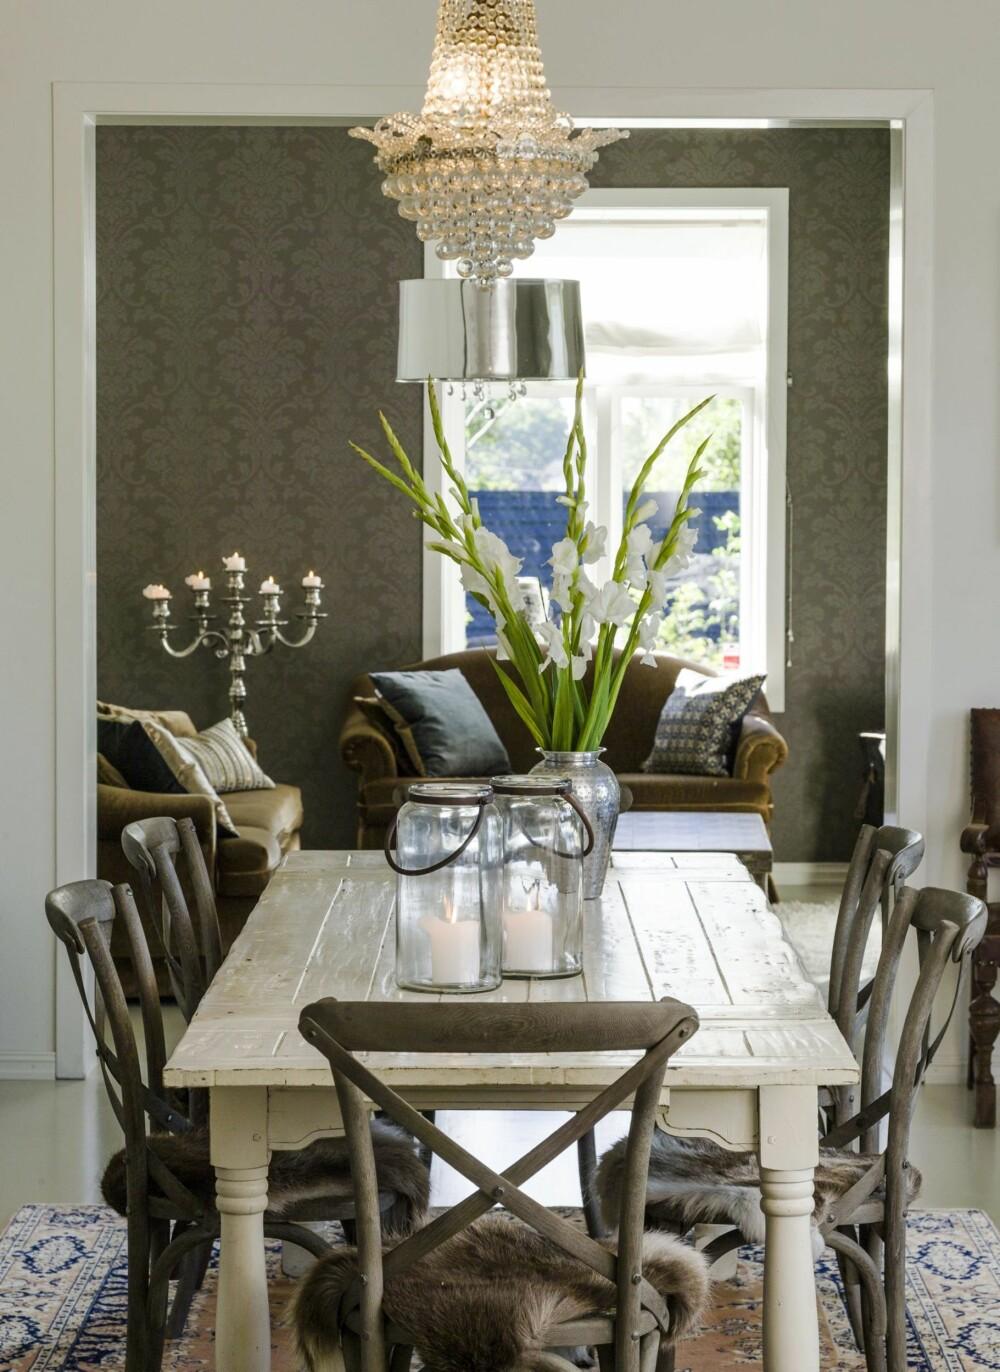 VARME ROM: Fra spisestuen ser man inn i stuen.Tapetet fra Sandberg og sofagruppen i myk velour skaper en varm atmosfære. Over spisebordet henger en lysekrone som Vibeke har etter sine besteforeldre.